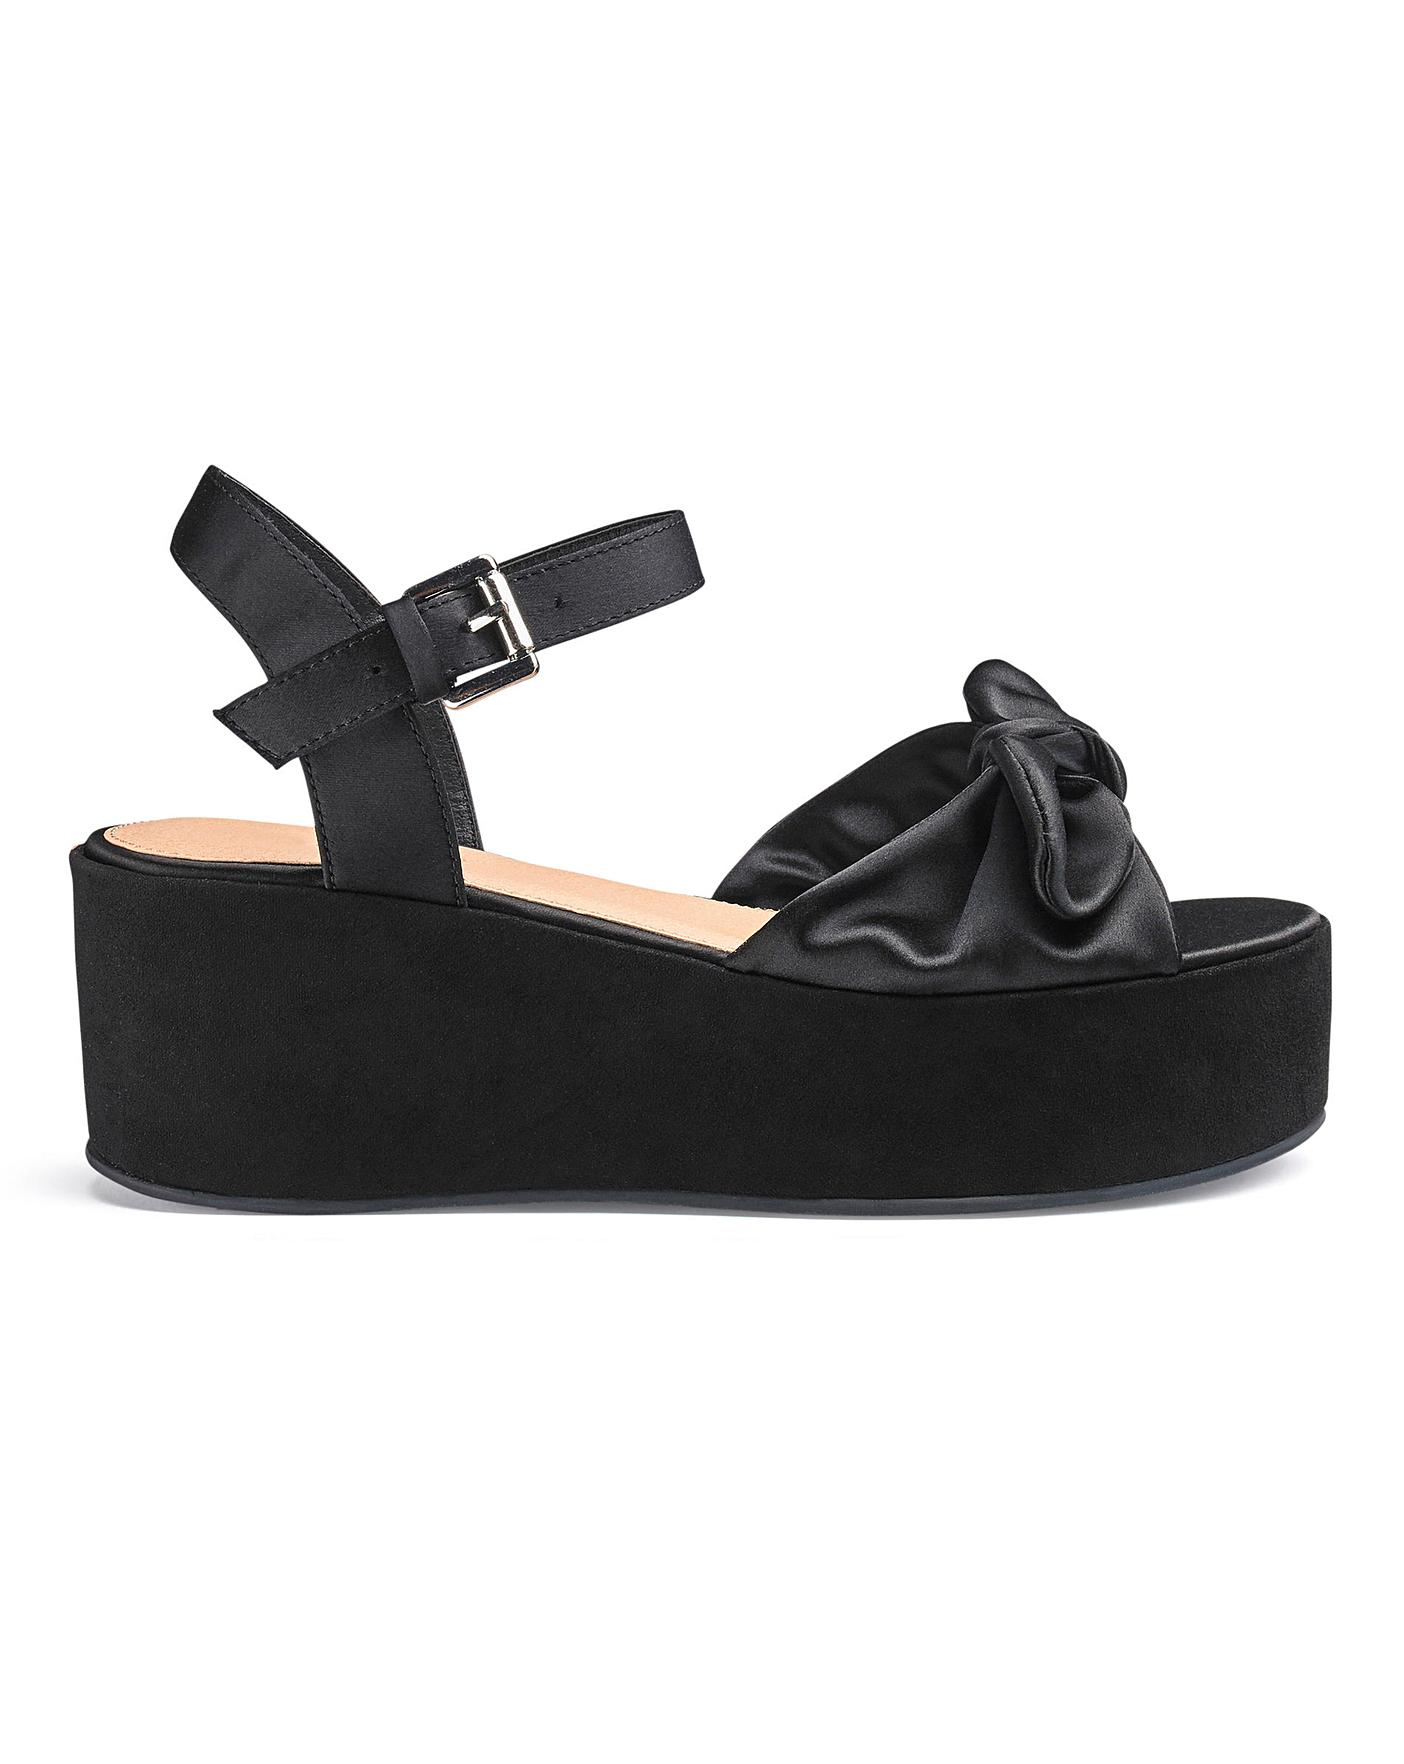 flatform wide fit sandals